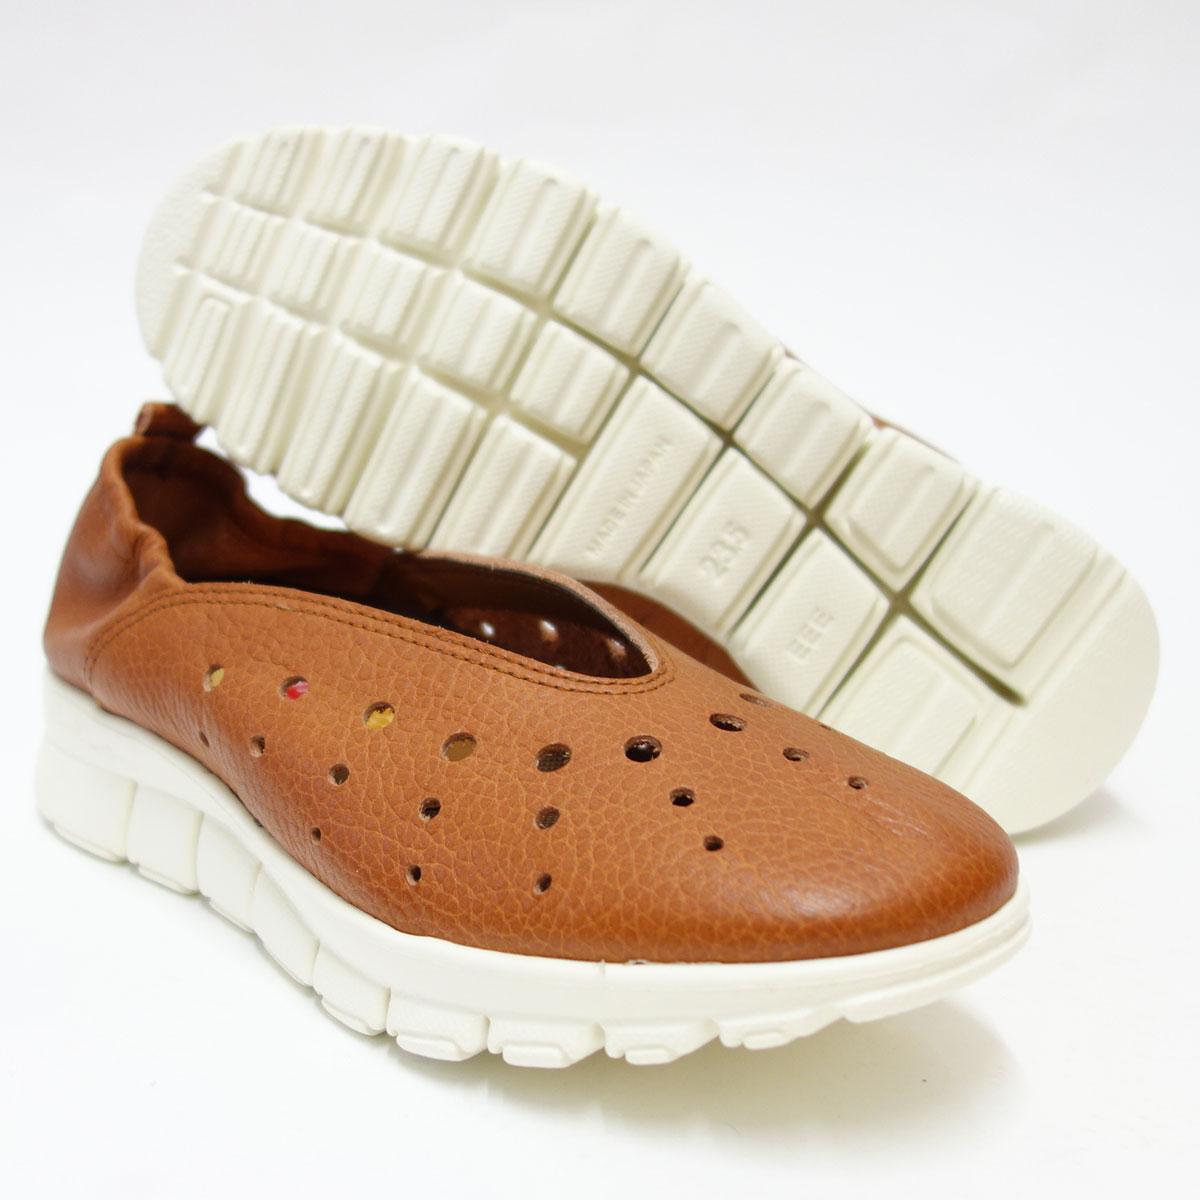 軽量・ゆったりEEEの楽ちんシューズHina Day Green ヒナ 7010 ブリック (レディース)日本製天然皮革のカジュアルシューズ 「靴」